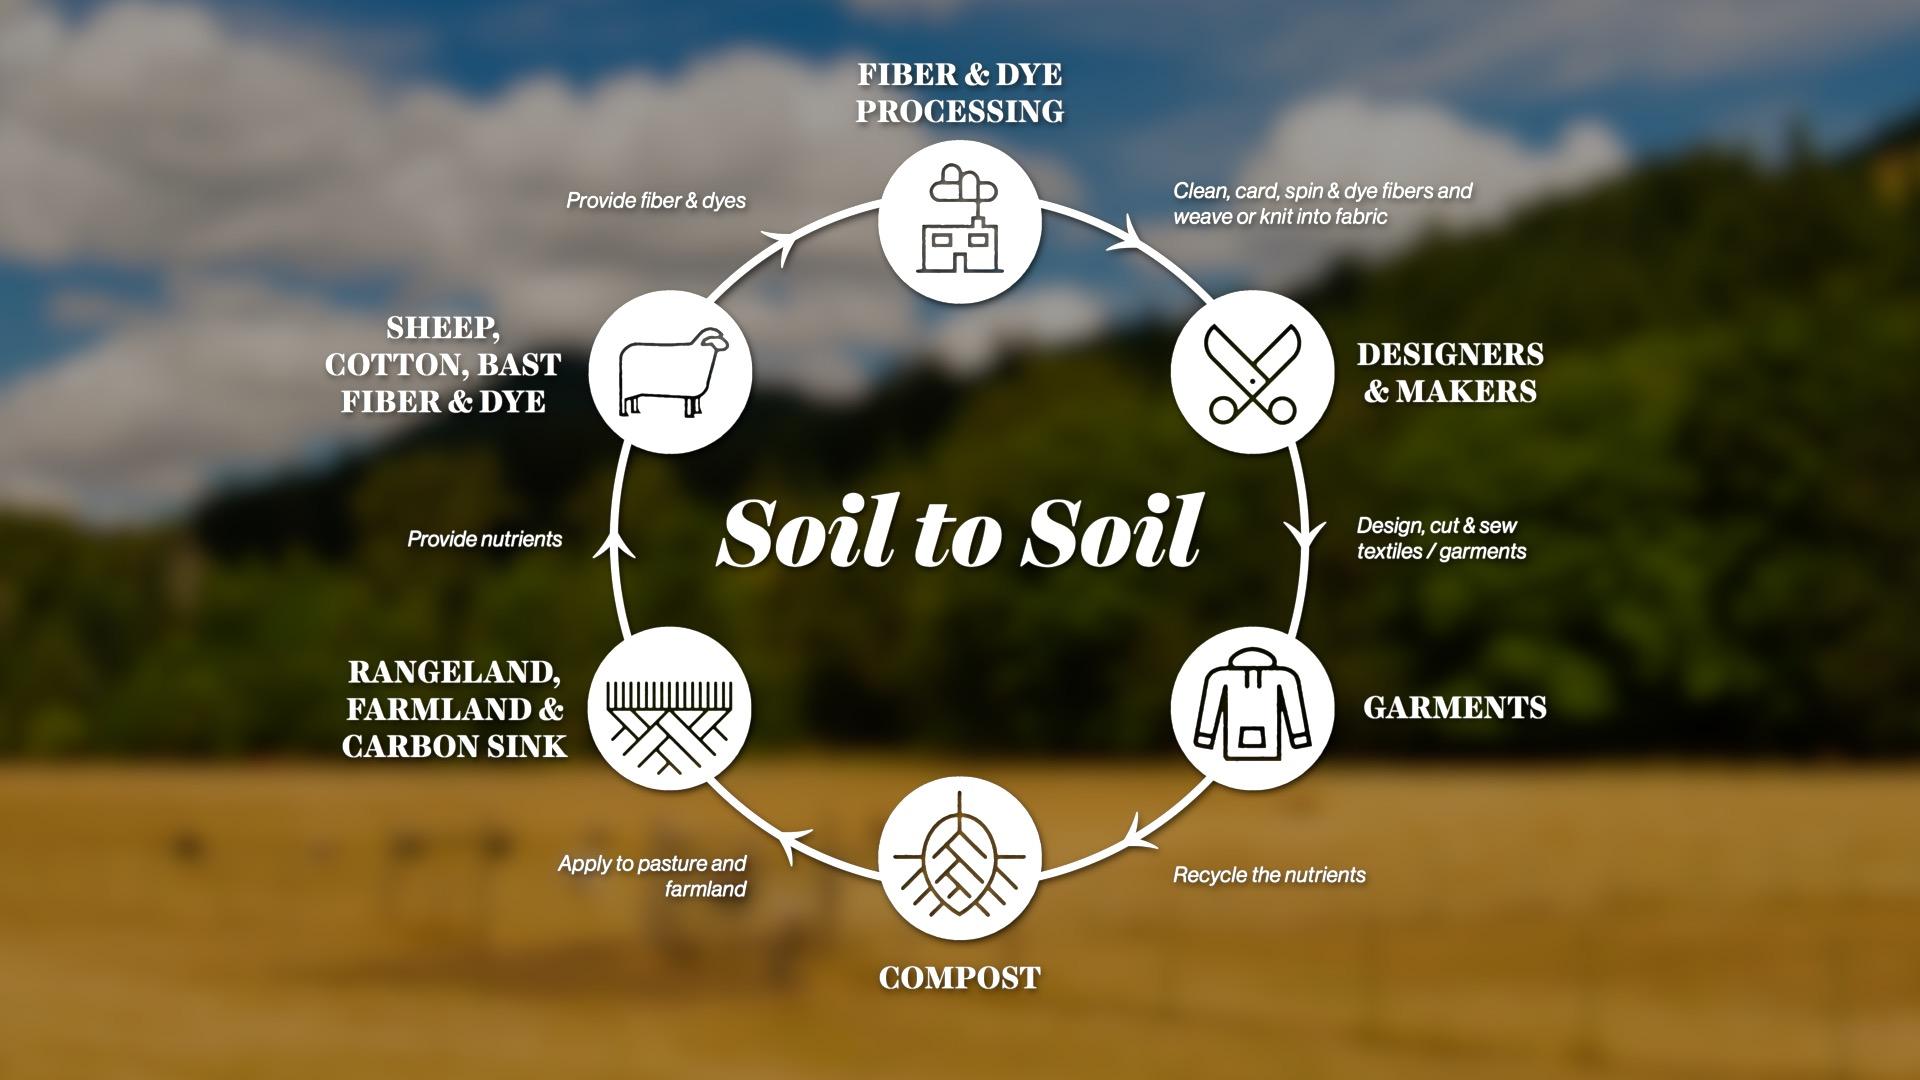 Soil to Soil FS over bkrnd.jpg